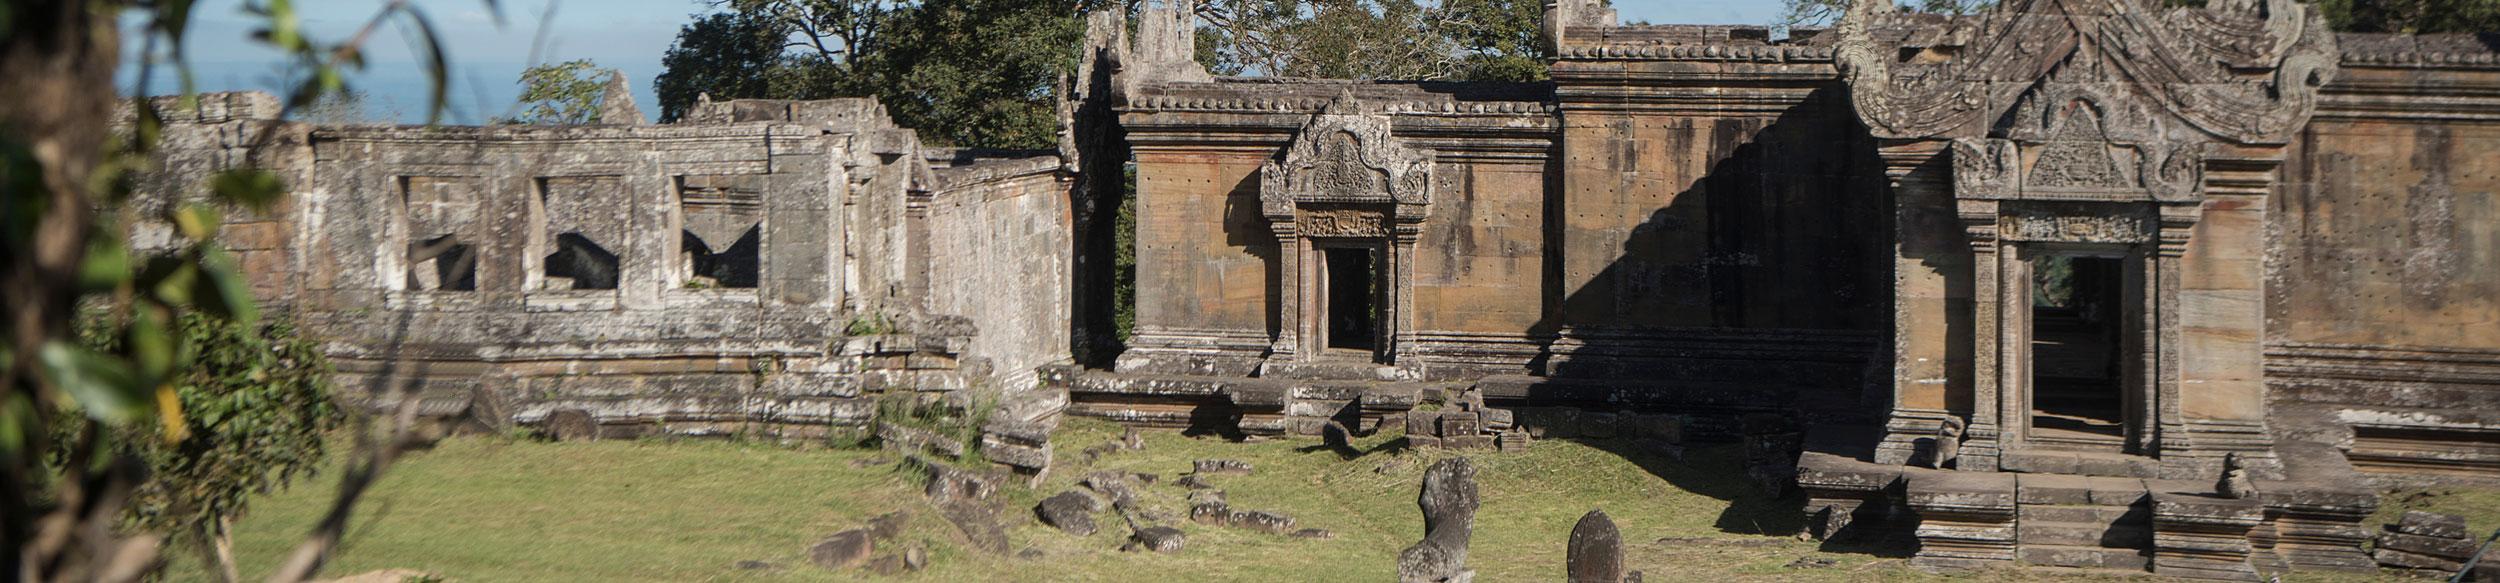 Temple Preah Vihear au nord de Siem Reap au Cambodge